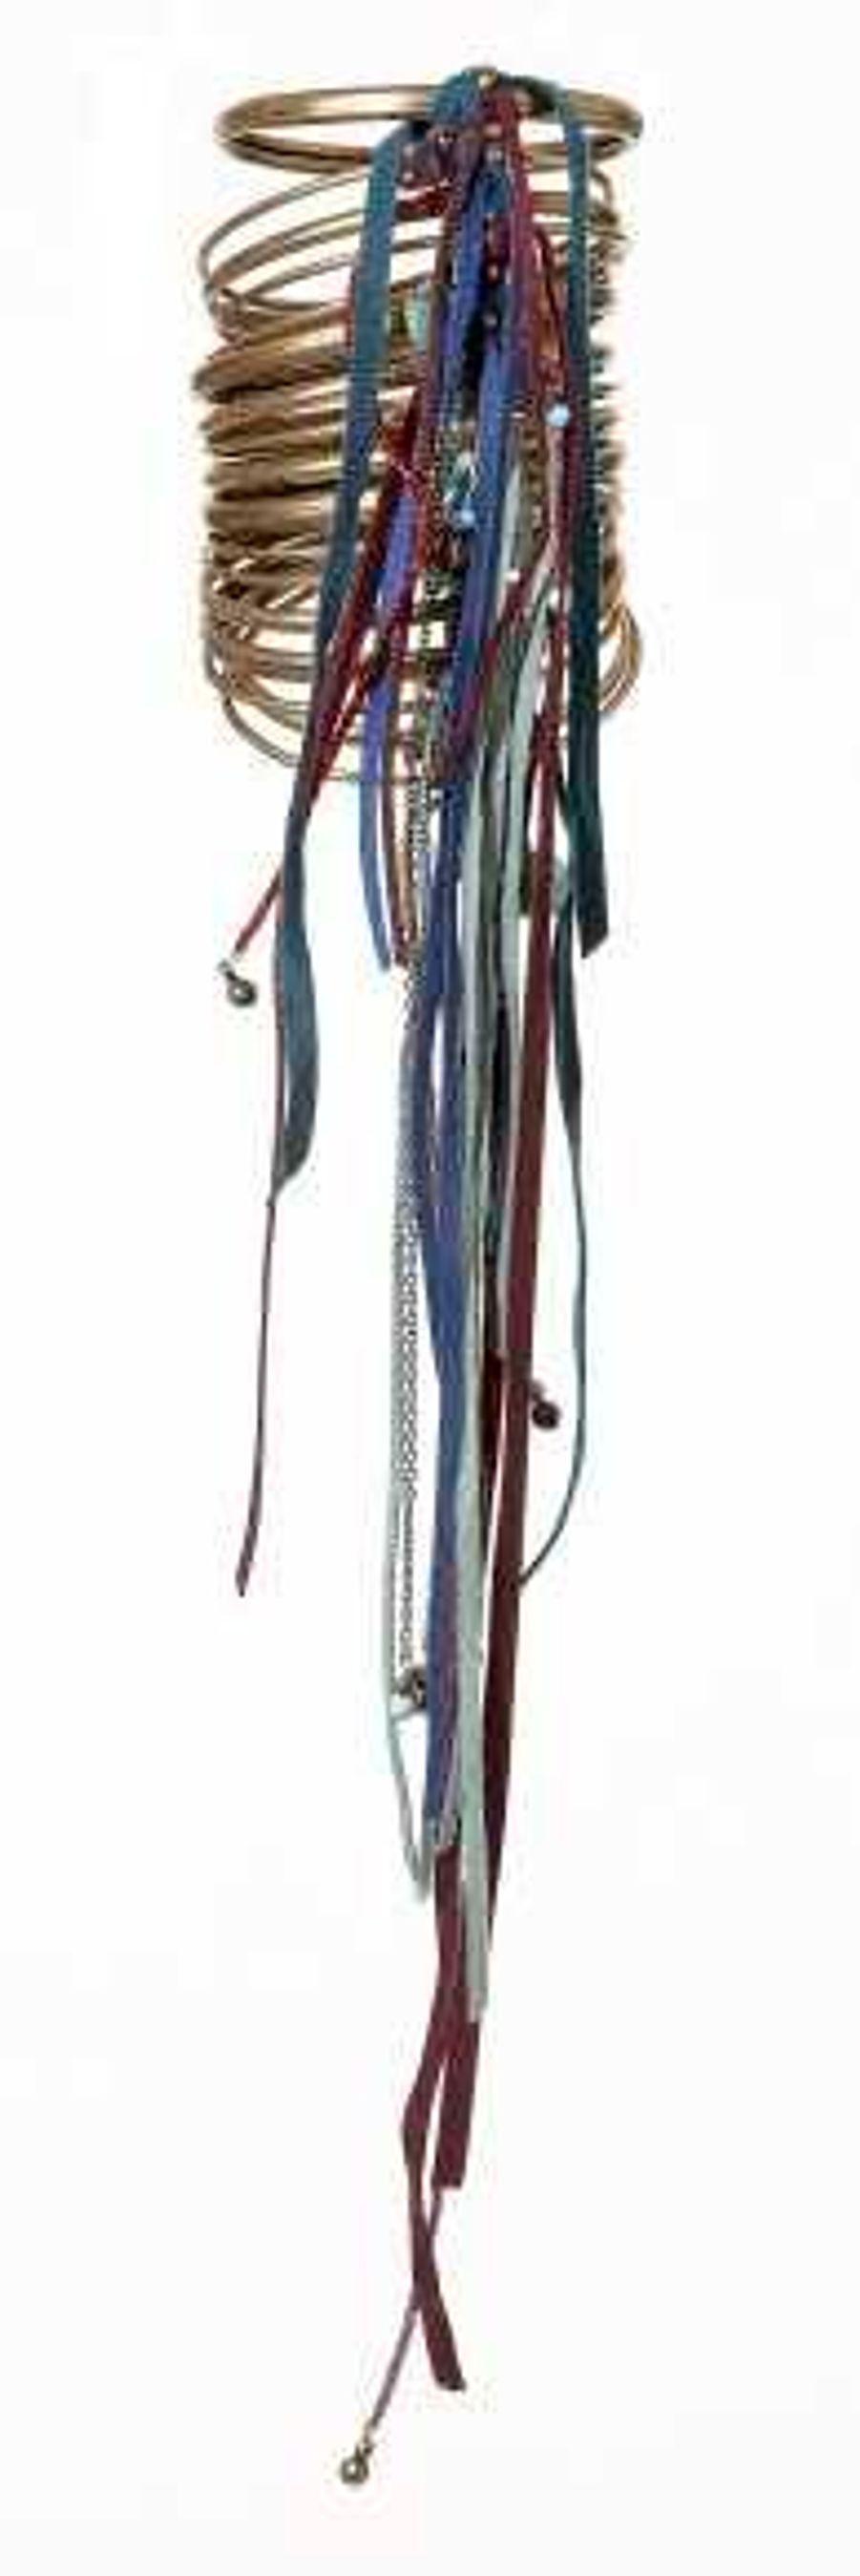 Manchette en métal et franges, Césarée, 300€